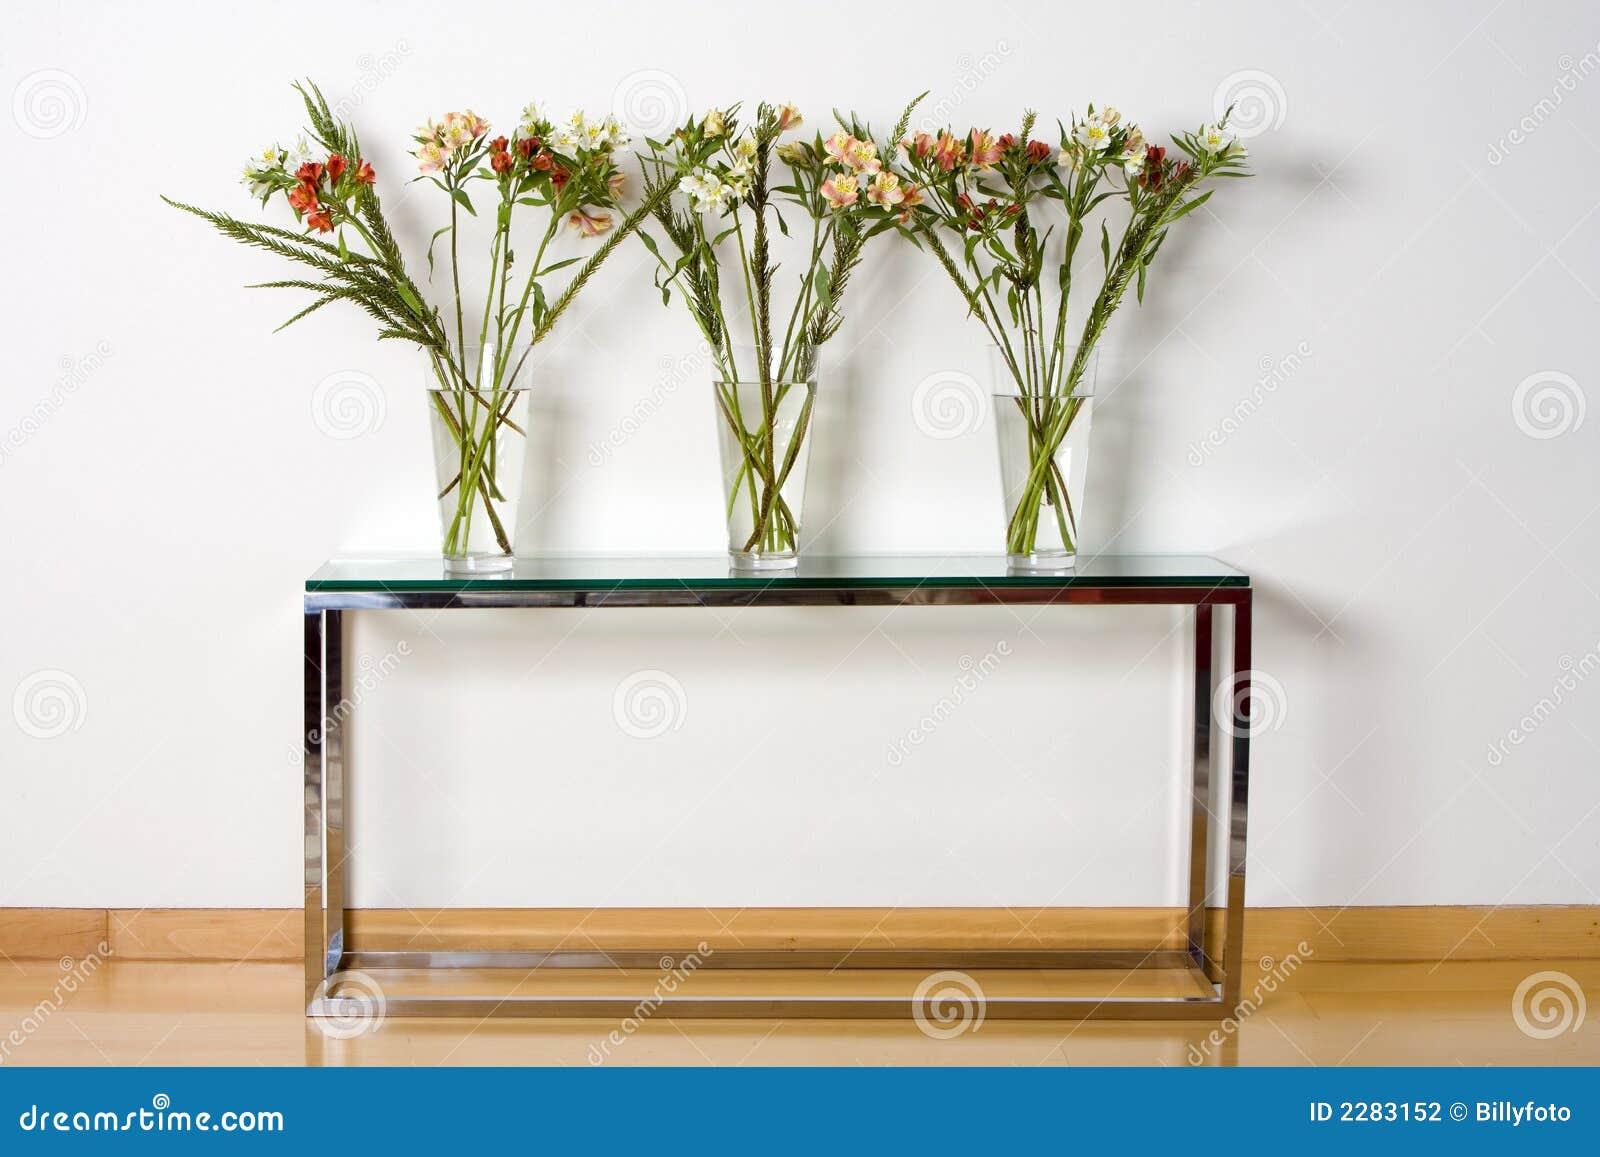 Piante vaso di vetro idee per il design della casa for Design della casa di 750 piedi quadrati